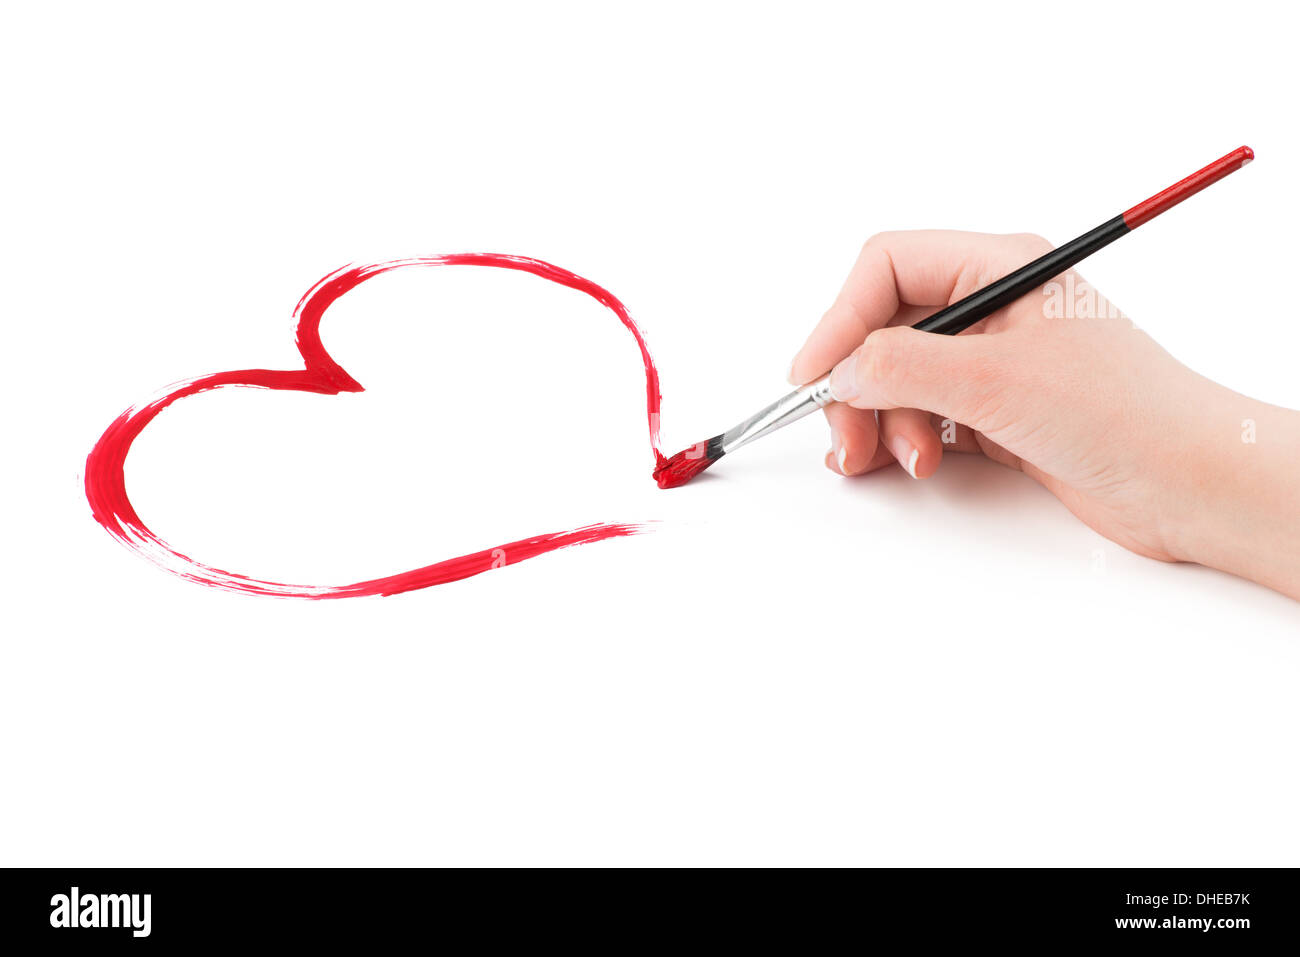 Donna Disegna A Mano Un Cuore Rosso Forma Con Un Pennello Su Uno